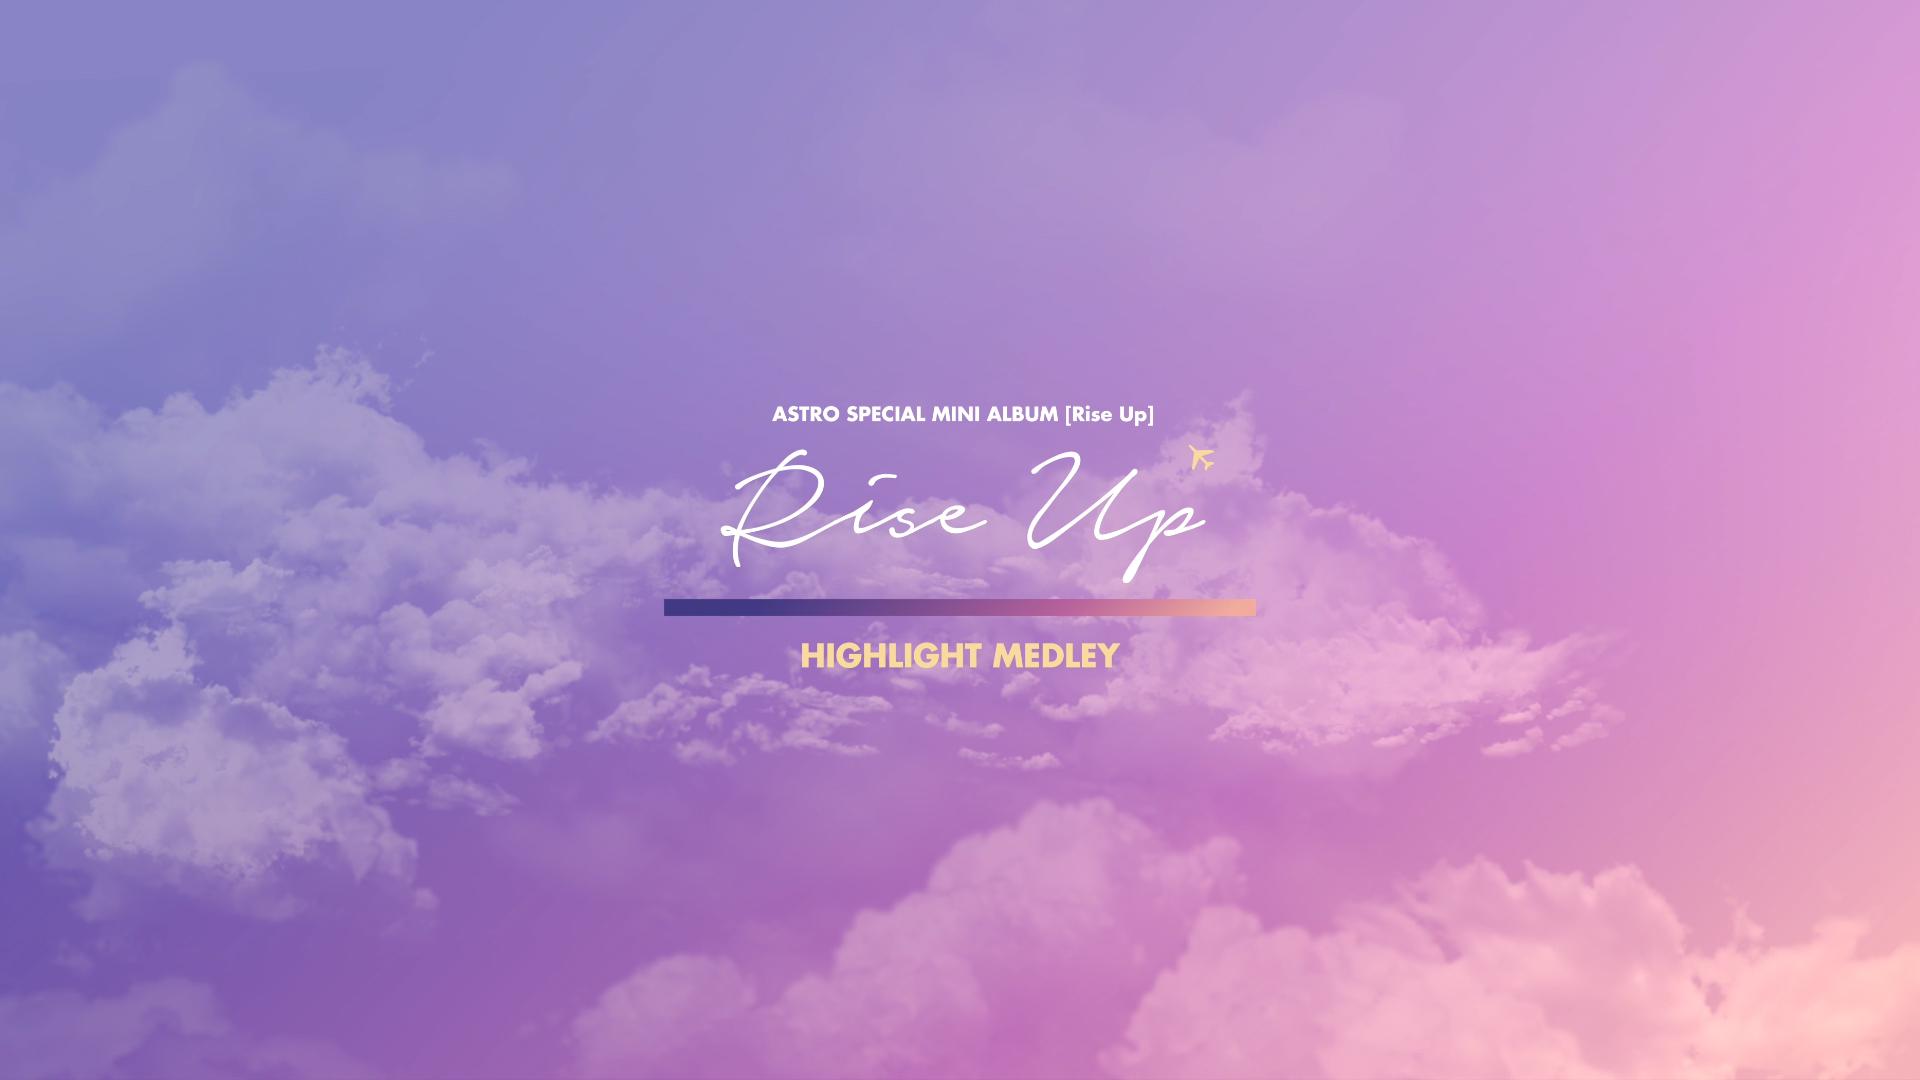 ASTRO 아스트로 - Special Mini Album 'Rise Up' Highlight Medley